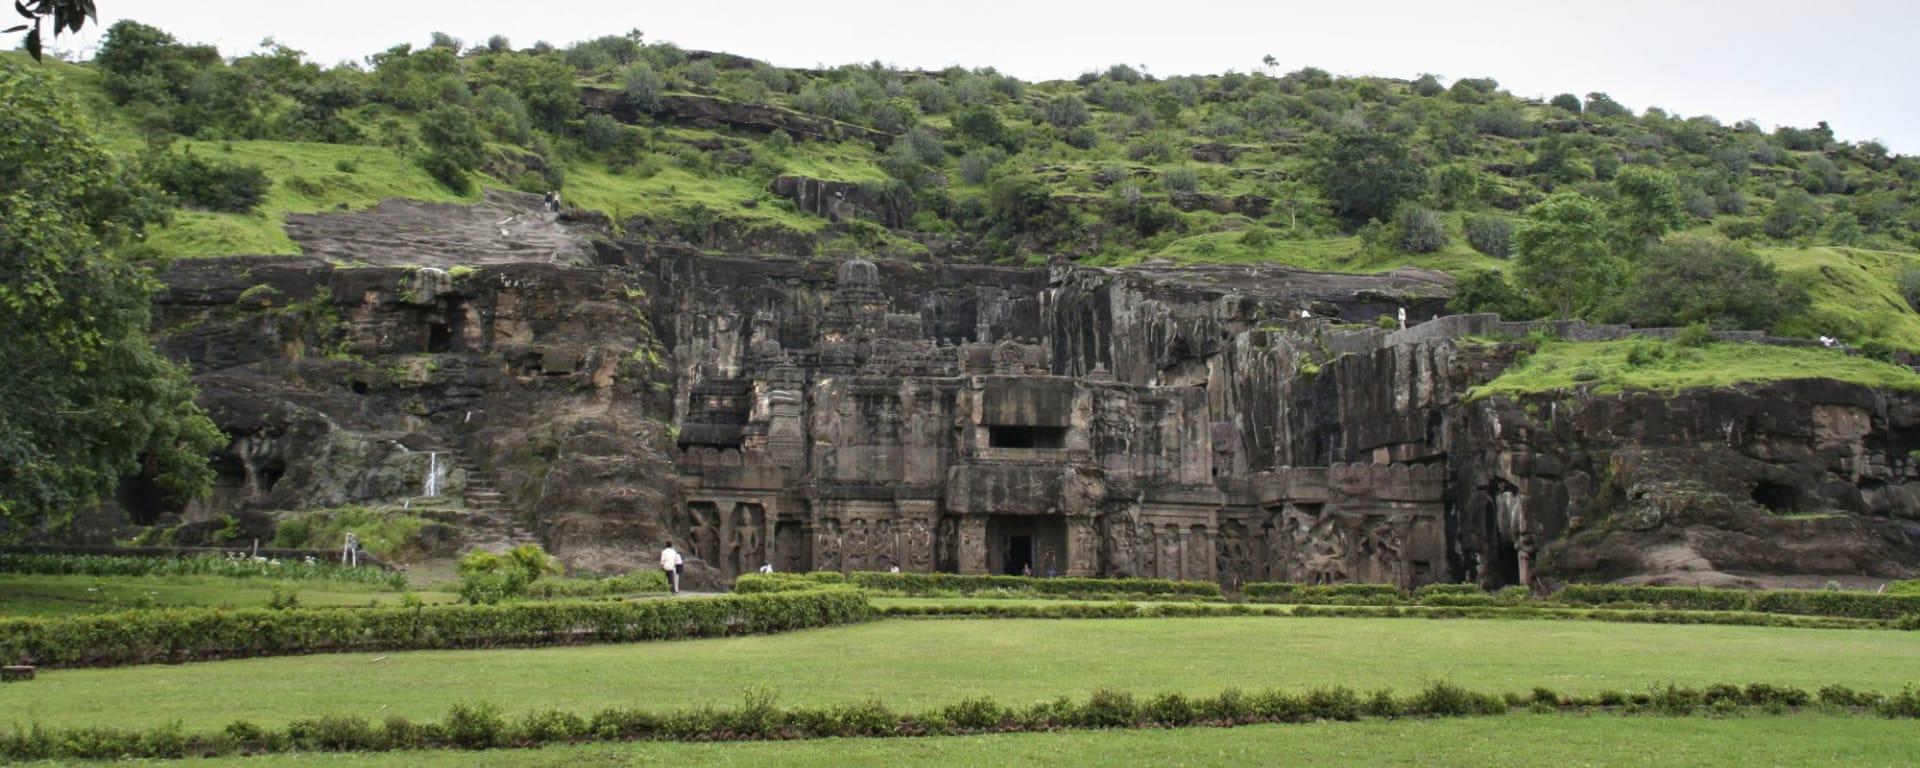 Héritages culturels Ellora & Ajanta de Aurangabad: Ellora: Temples